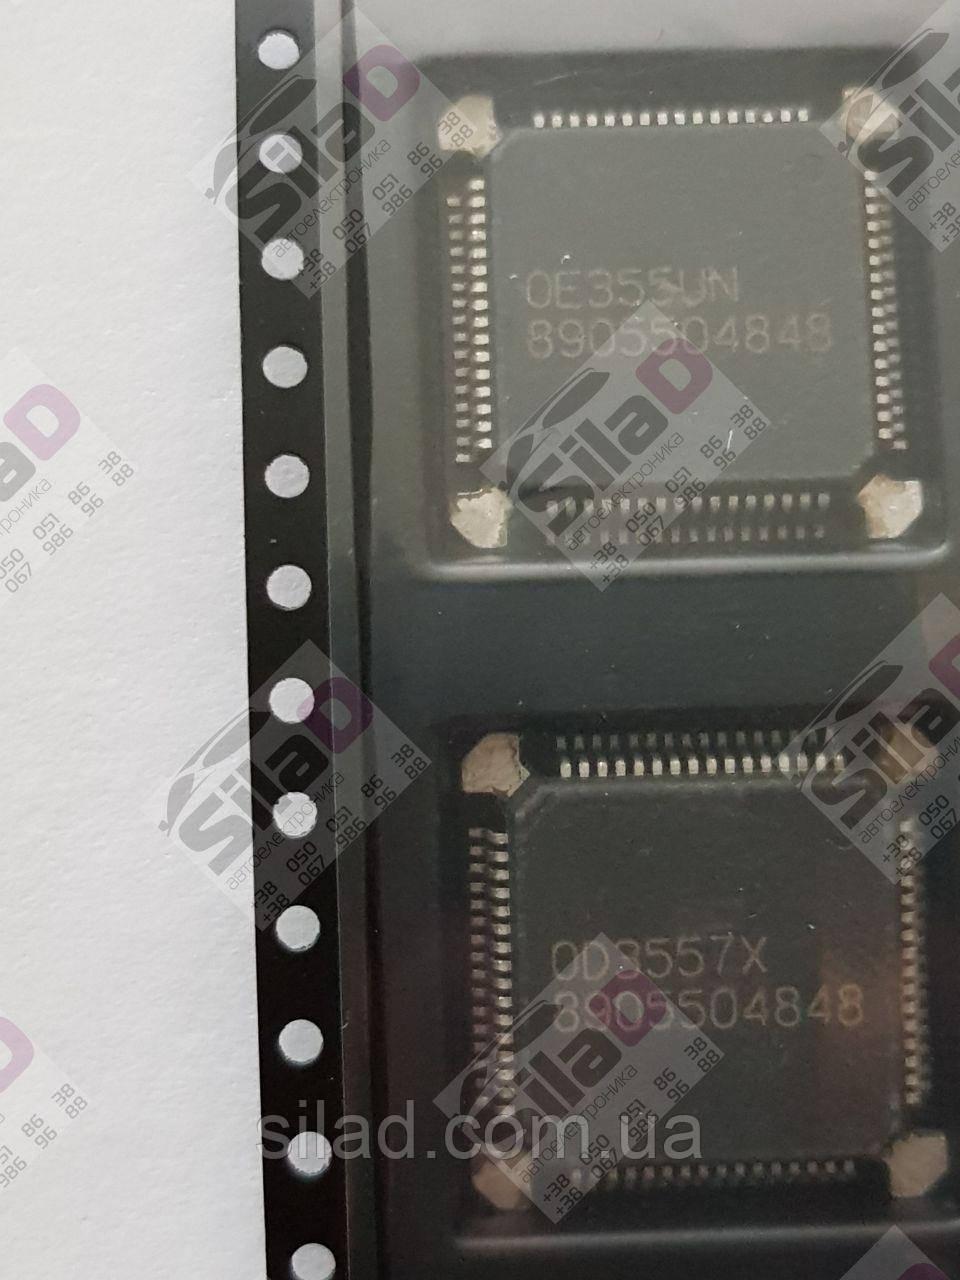 Мікросхема 8905504848 корпус QFP64